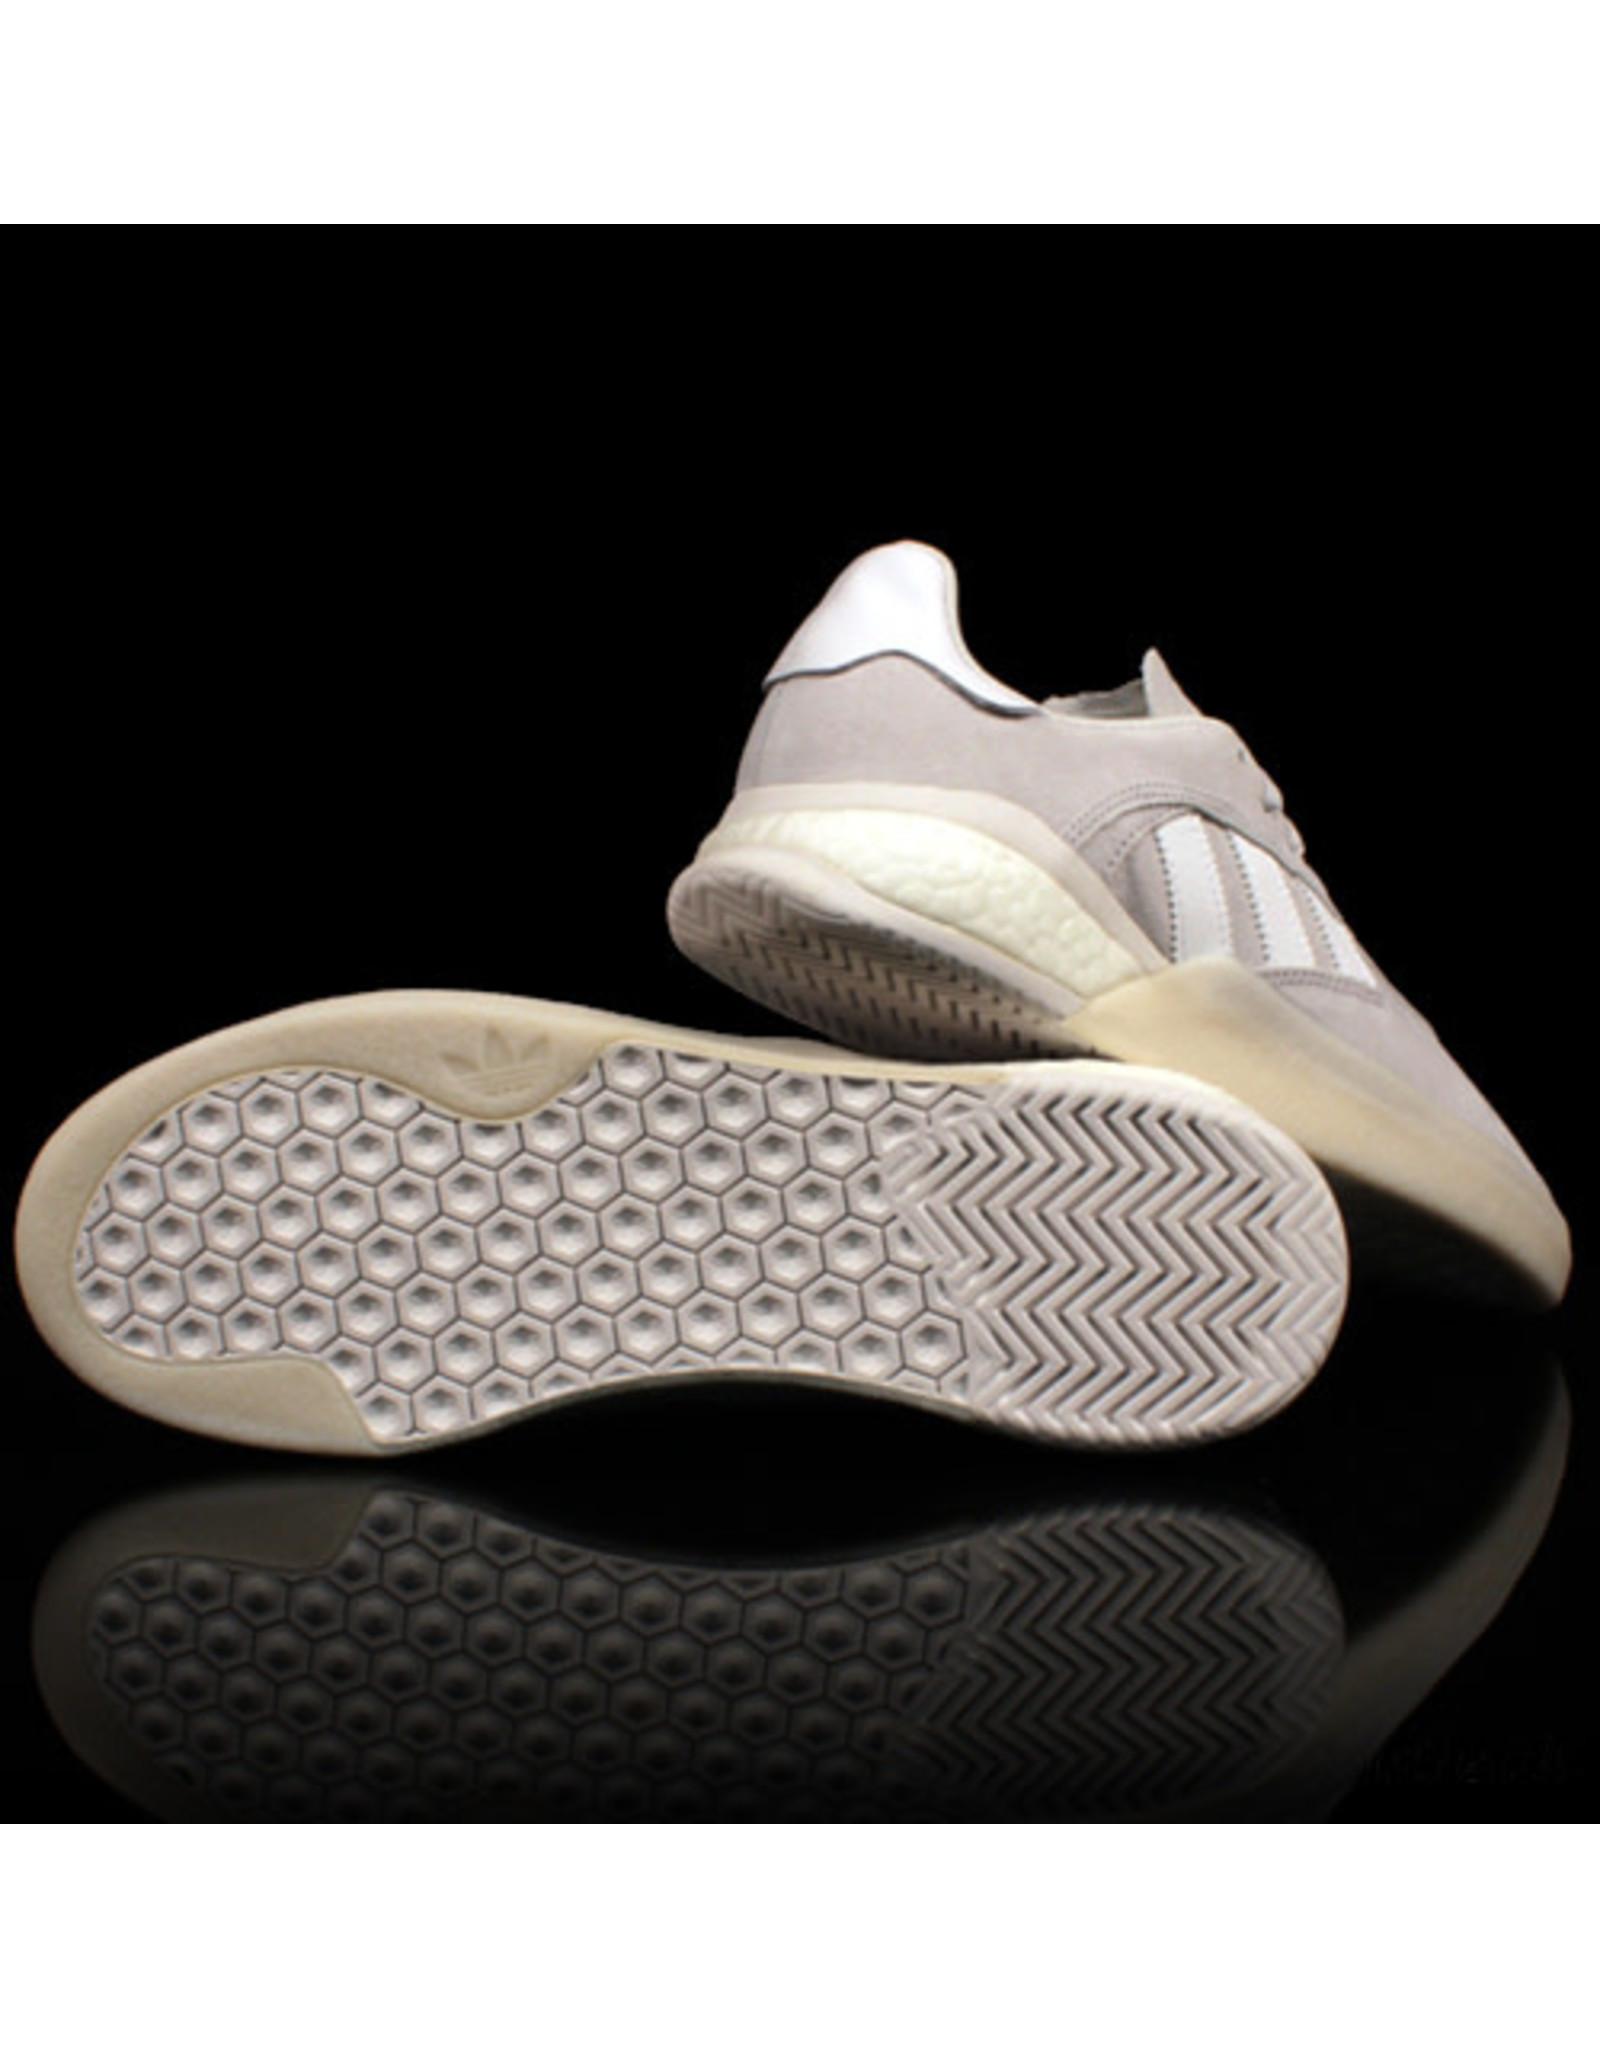 ADIDAS Adidas 3ST 004 White White White